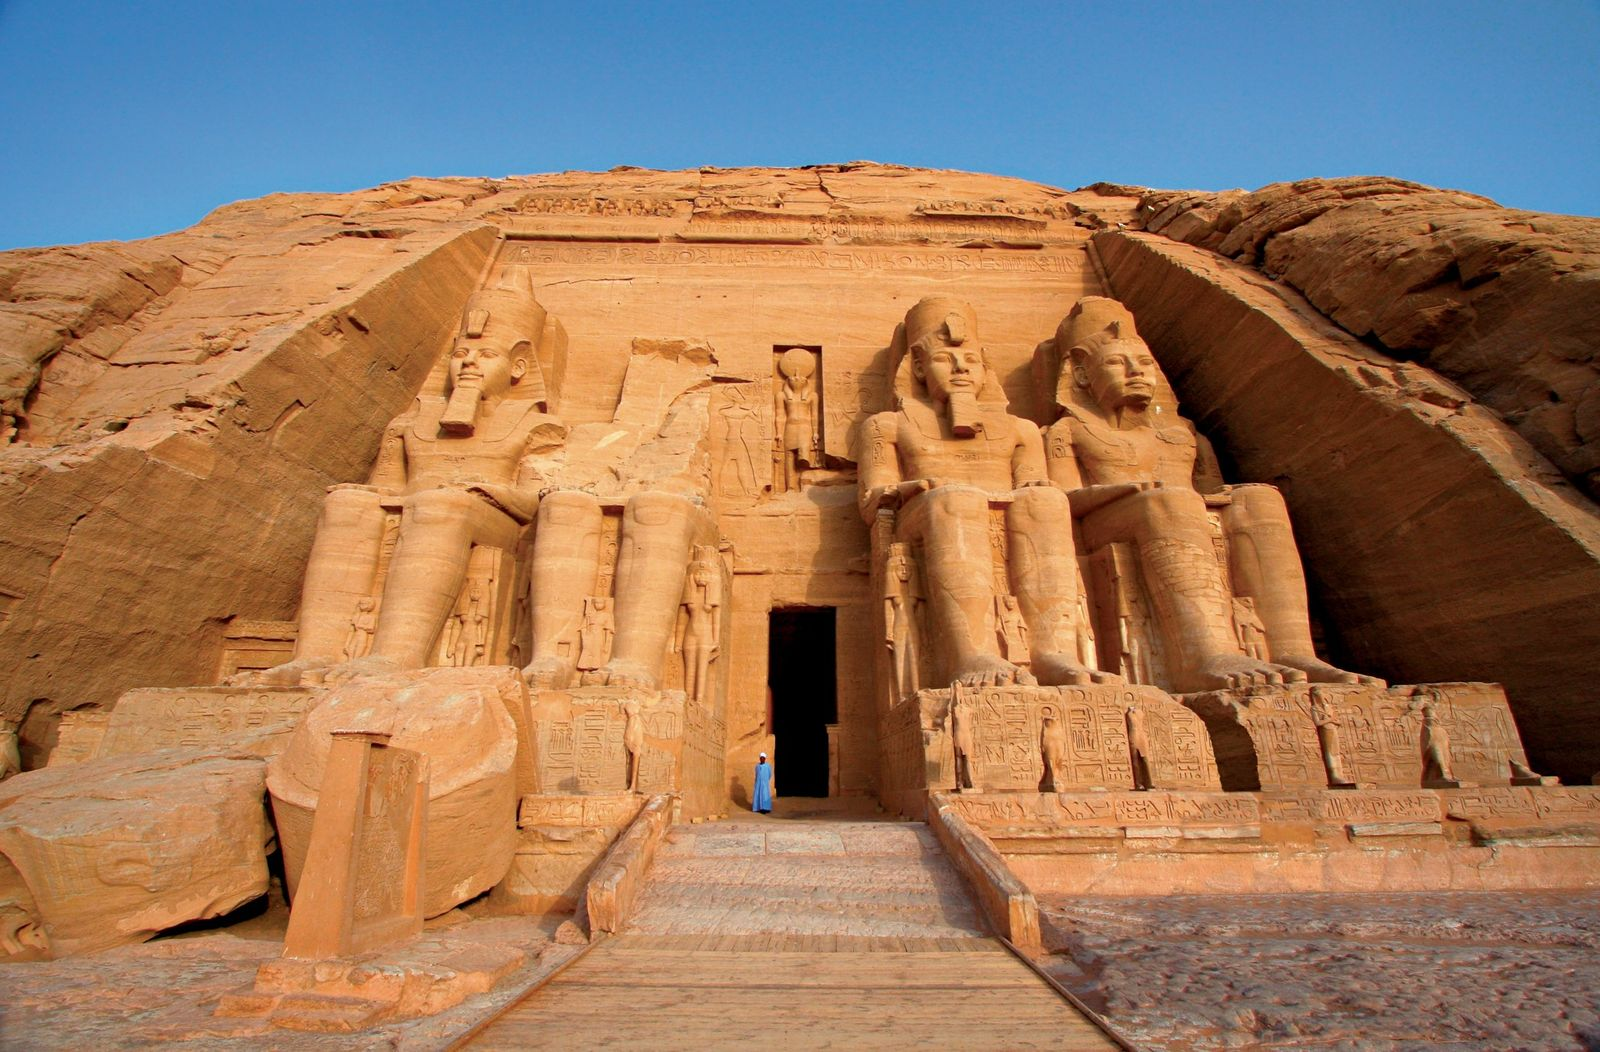 A entrada do templo principal de Abu Simbel é guardada pelas estátuas colossais do faraó egípcio ...